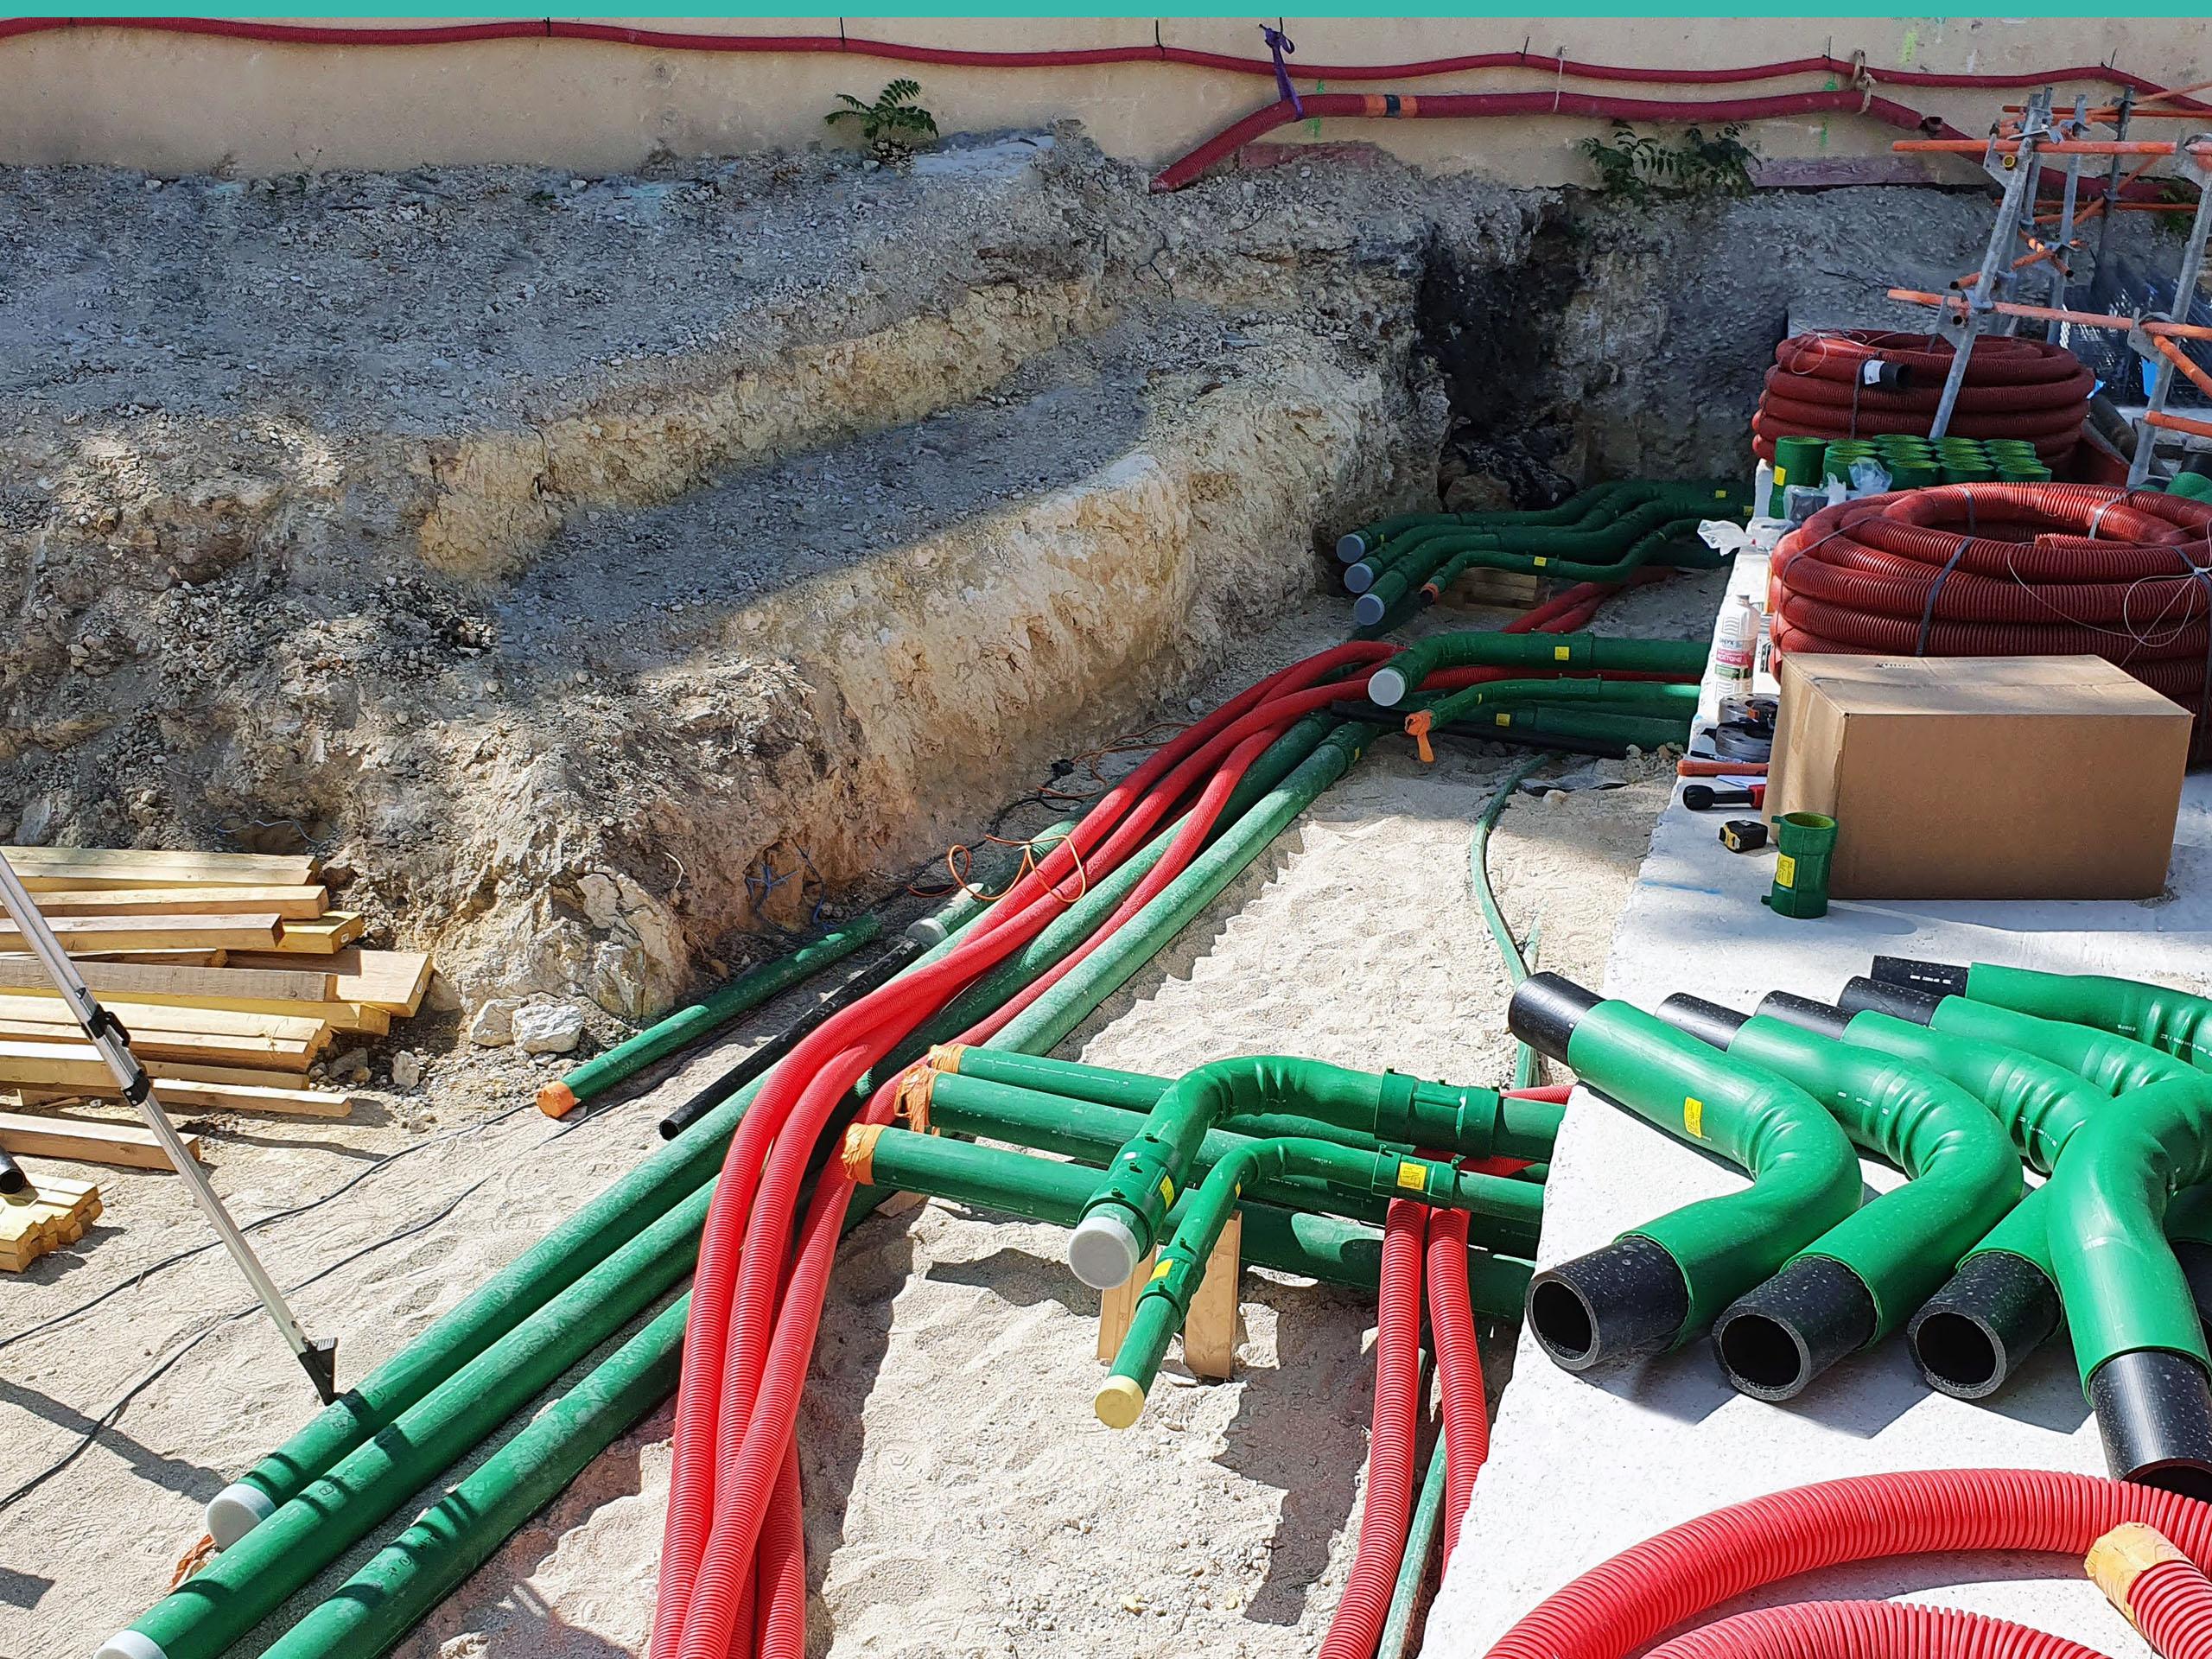 Las tuberías de doble pared de KPS crean un espacio intersticial entre las tuberías internas y externas, lo que añade una capa adicional de seguridad.